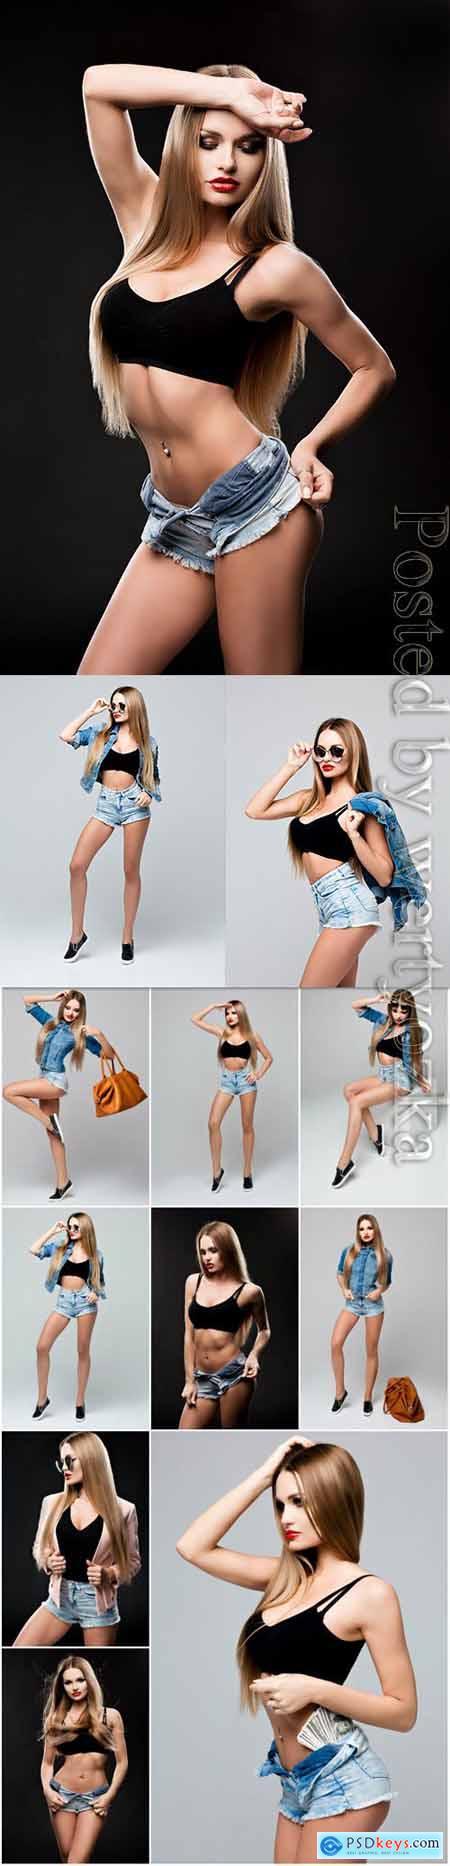 Girl in denim shorts stock photo